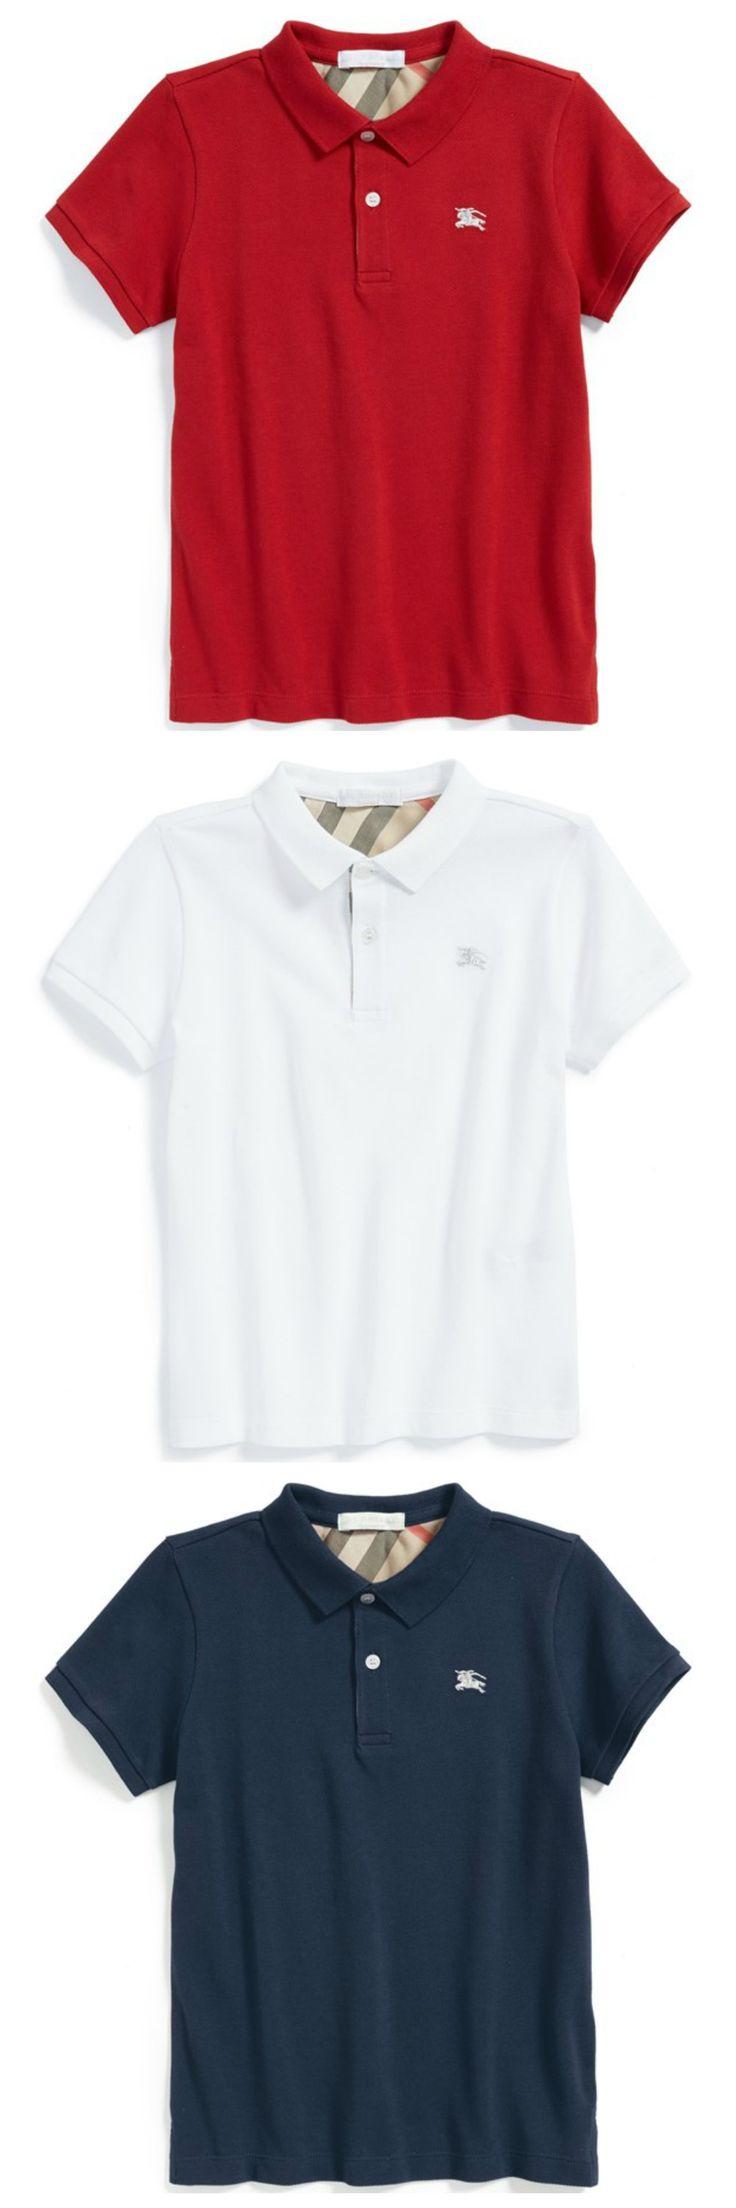 Desain t shirt kerah - Piqu Polo